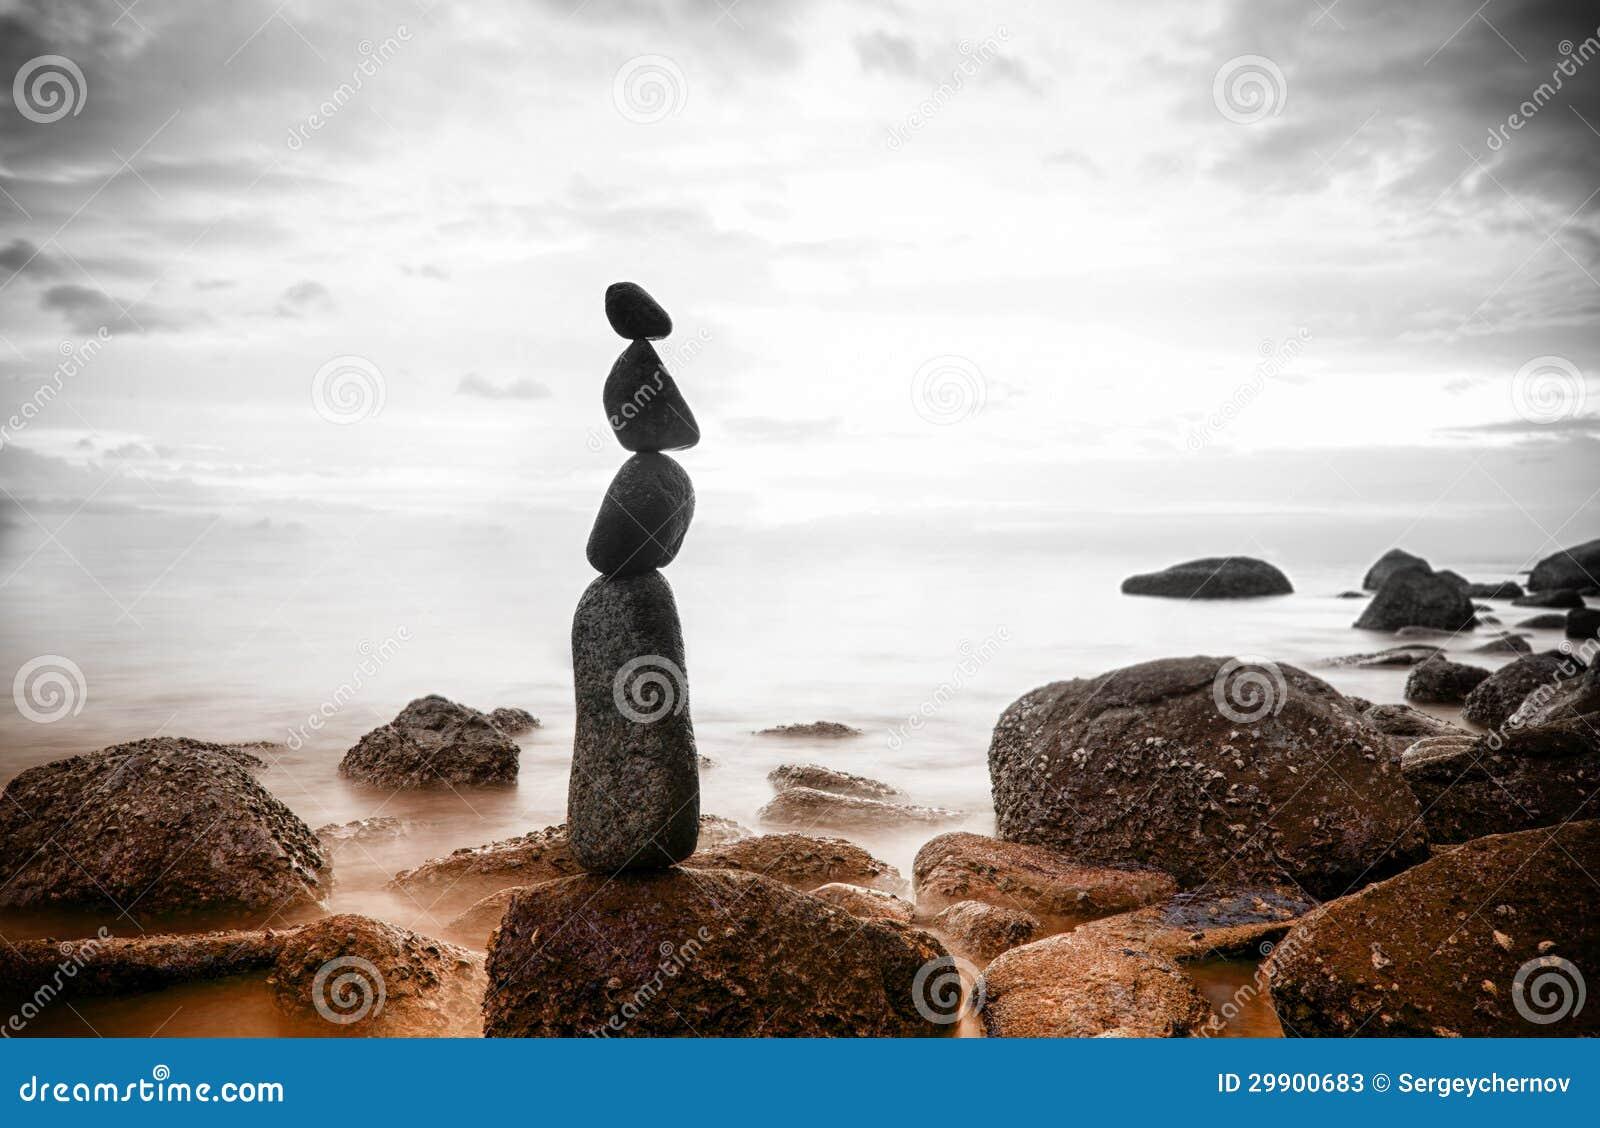 Nature background stock image image of coastline decorative 29900683 - Image zen nature ...